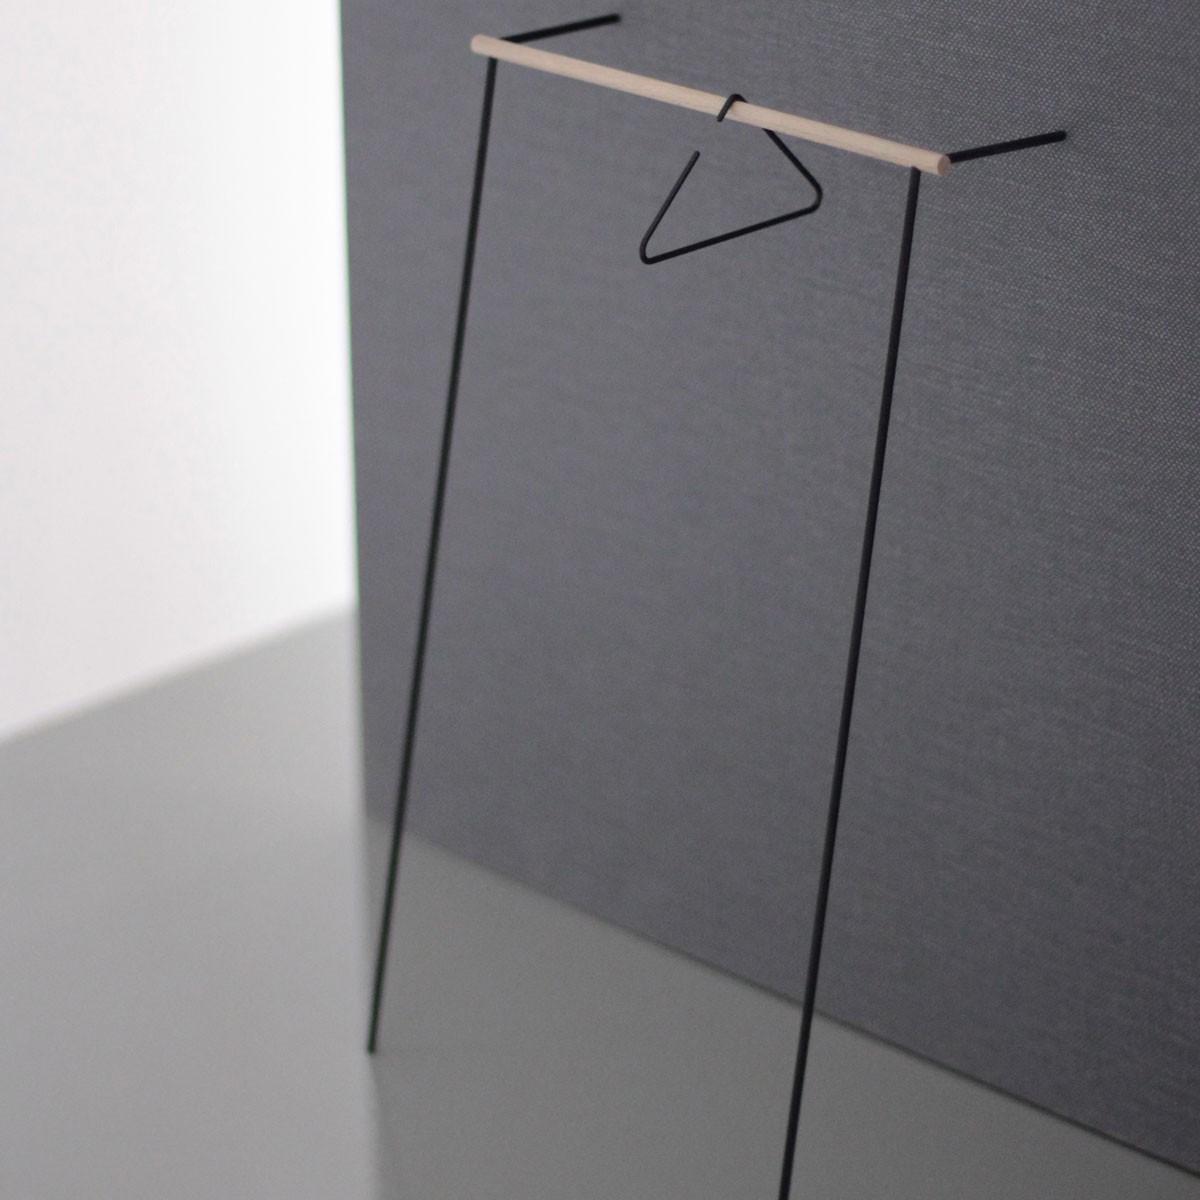 leanon II - Anlehngarderobe - Schwarzes Gestell / Stange Eiche von Roomsafari